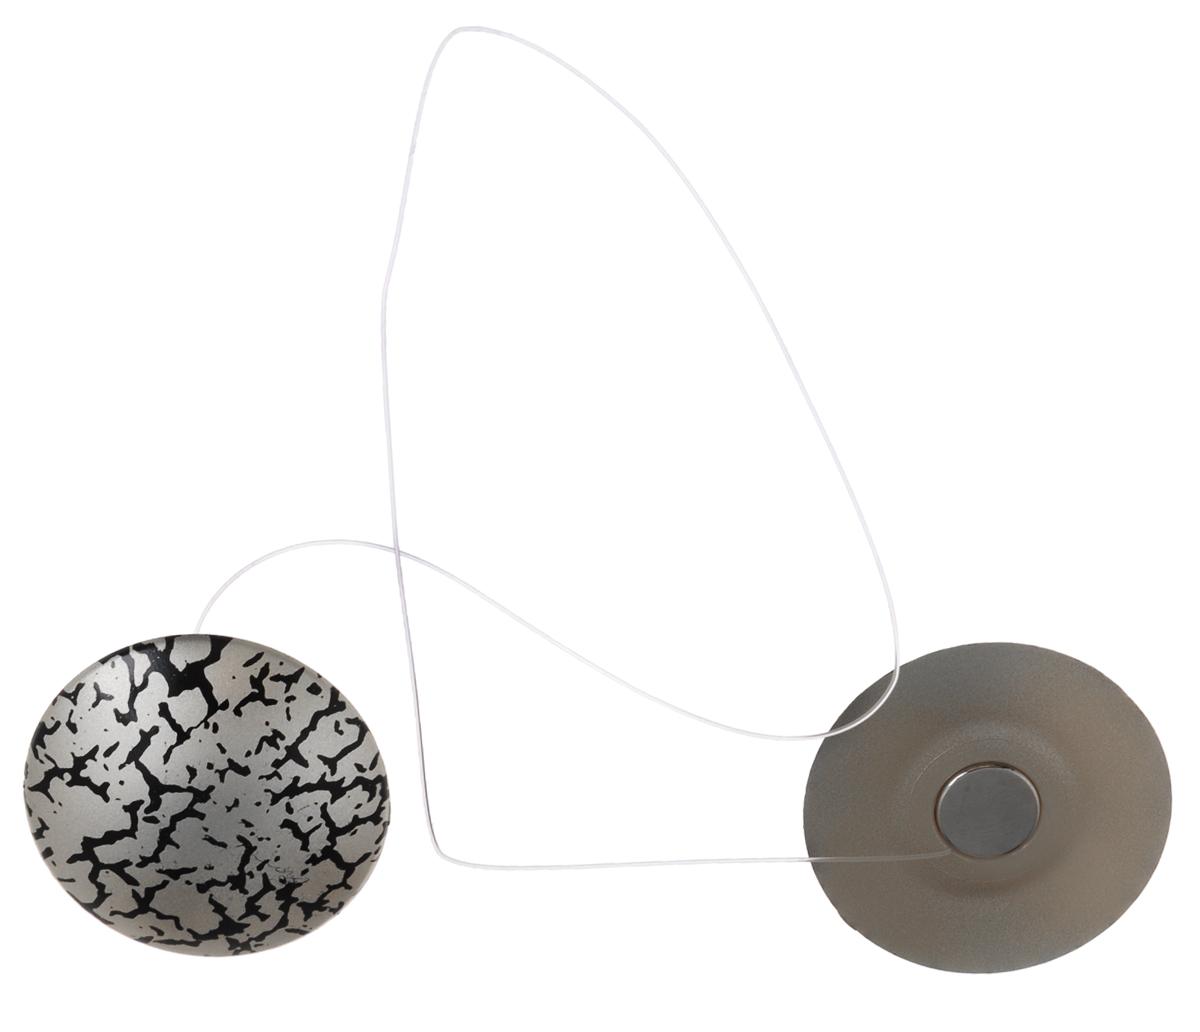 Клипсы магнитные для штор SmolTtx Трещины, с леской, цвет: серебристый, черный, длина 33,5 см, 2 шт544091_3ЕМагнитные клипсы SmolTtx Трещины предназначены для придания формы шторам. Изделие представляет собой соединенные леской два элемента, на внутренней поверхности которых расположены магниты. С помощью такой клипсы можно зафиксировать портьеры, придать им требуемое положение, сделать складки симметричными или приблизить портьеры, скрепить их. Следует отметить, что такие аксессуары для штор выполняют не только практическую функцию, но также являются одной из основных деталей декора, которая придает шторам восхитительный, стильный внешний вид. Длина клипсы (с учетом лески): 33,5 см. Диаметр клипсы: 3,5 см.